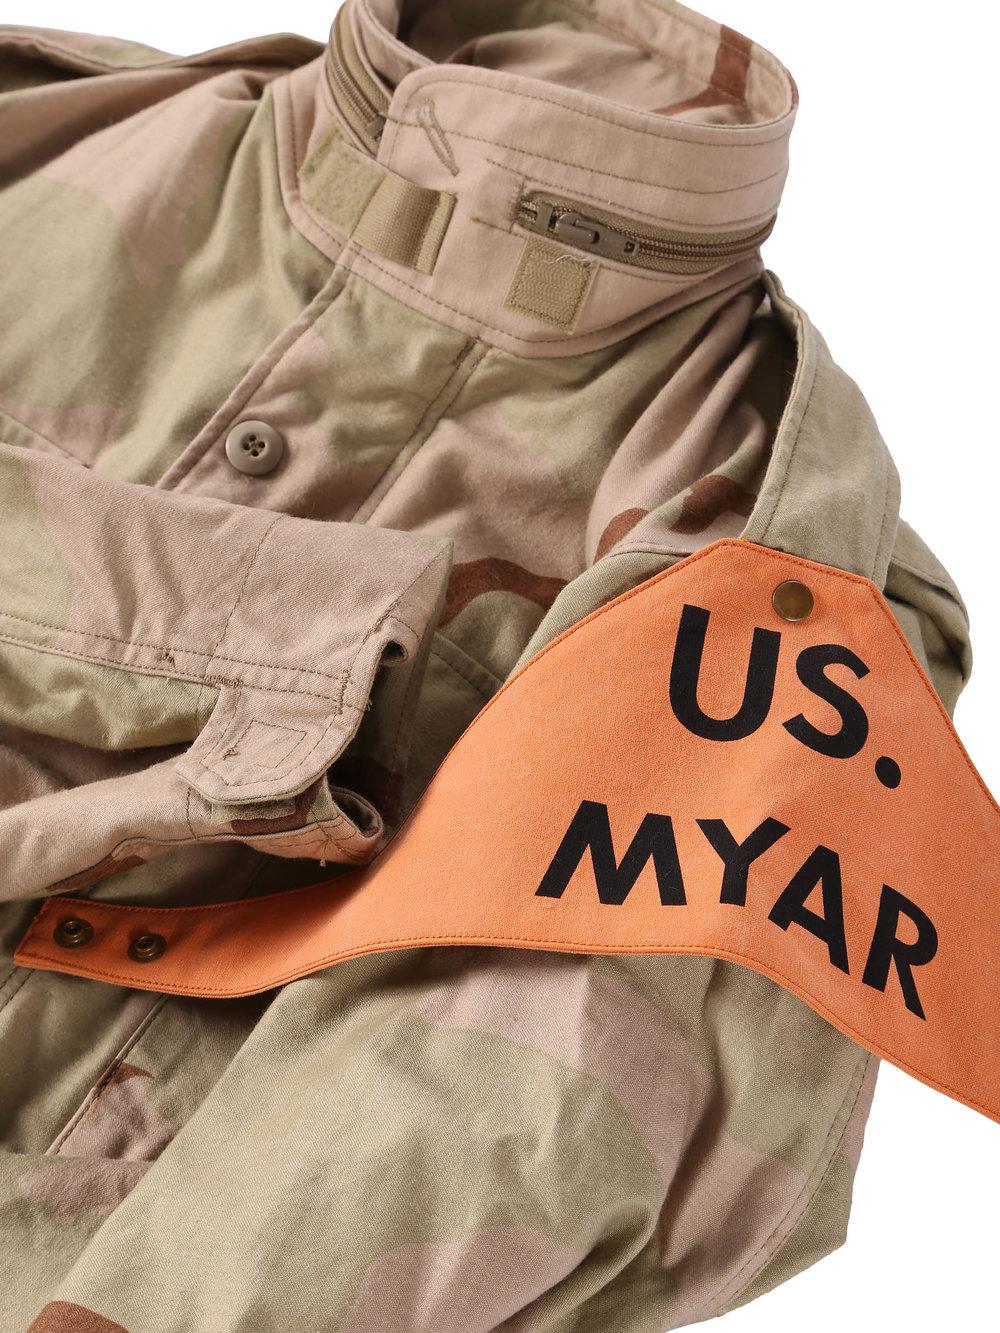 MYAR_usj99 (1).JPG